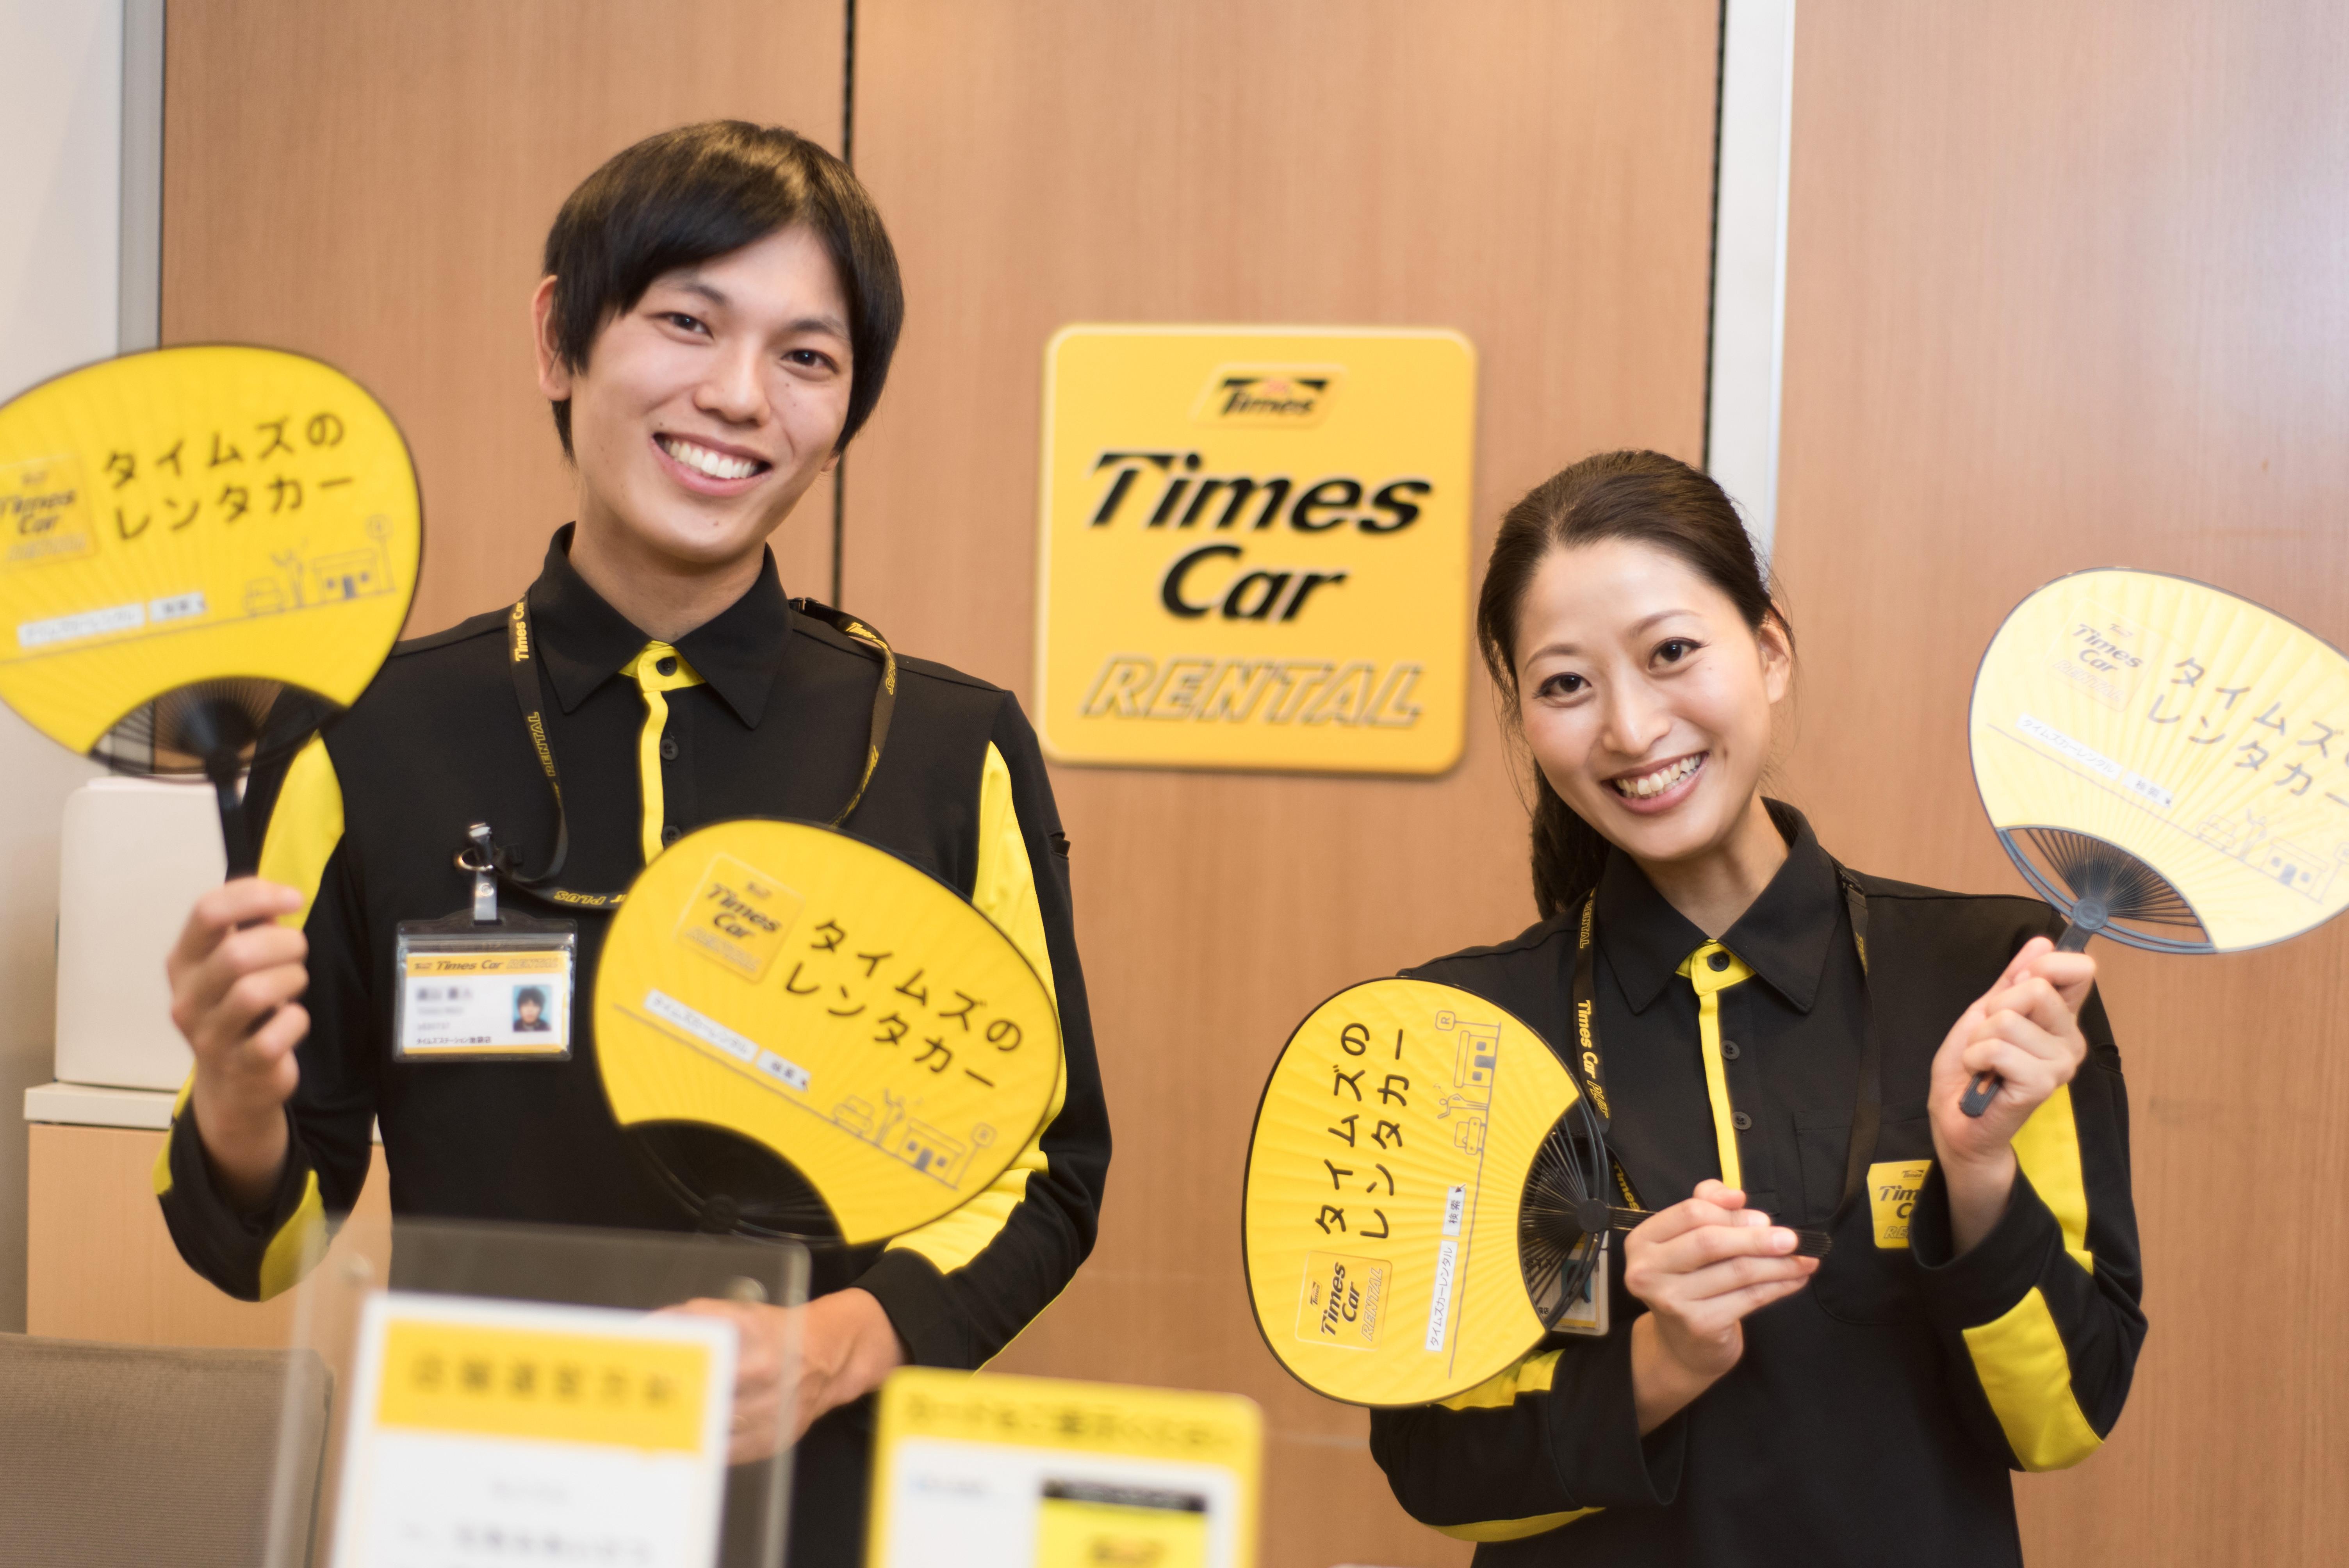 タイムズカーレンタル 宮之浦港店 のアルバイト情報